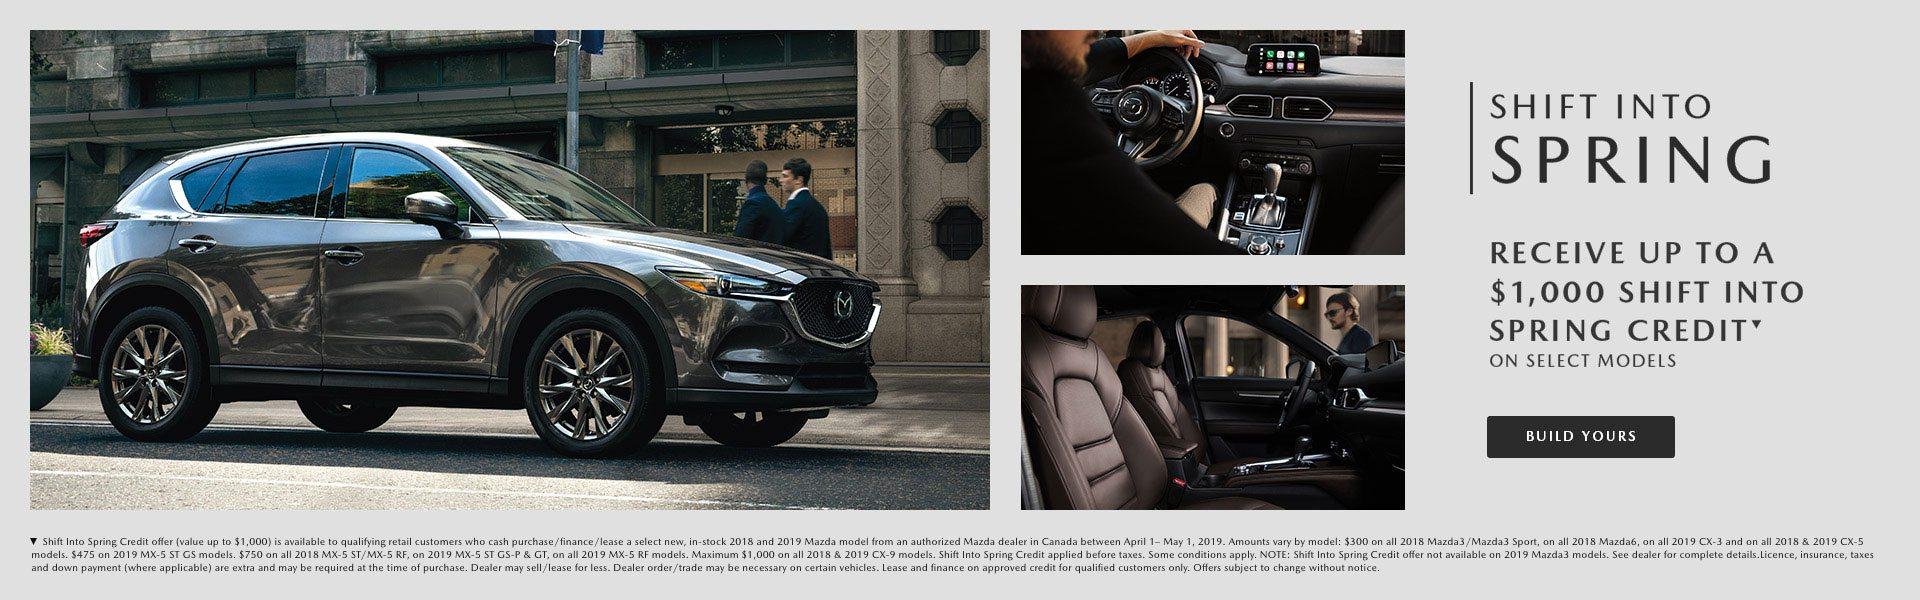 Gyro Mazda New Used Dealership